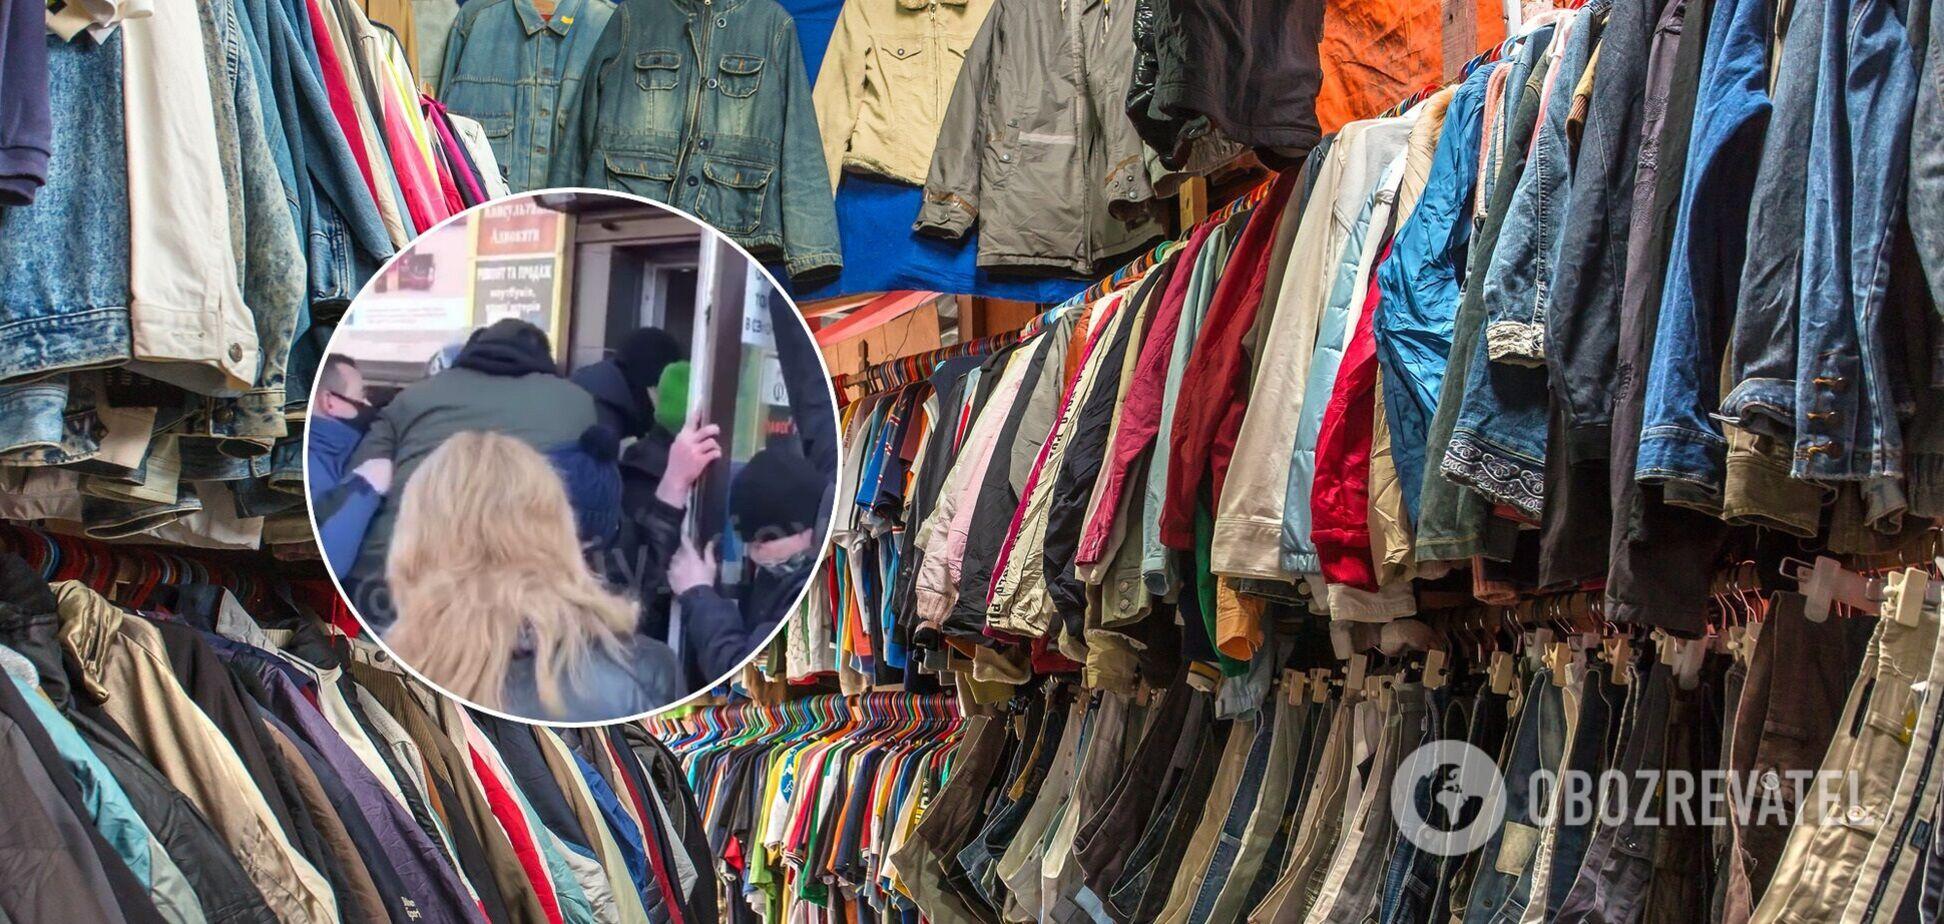 Посетители магазина игнорировали карантинные ограничения